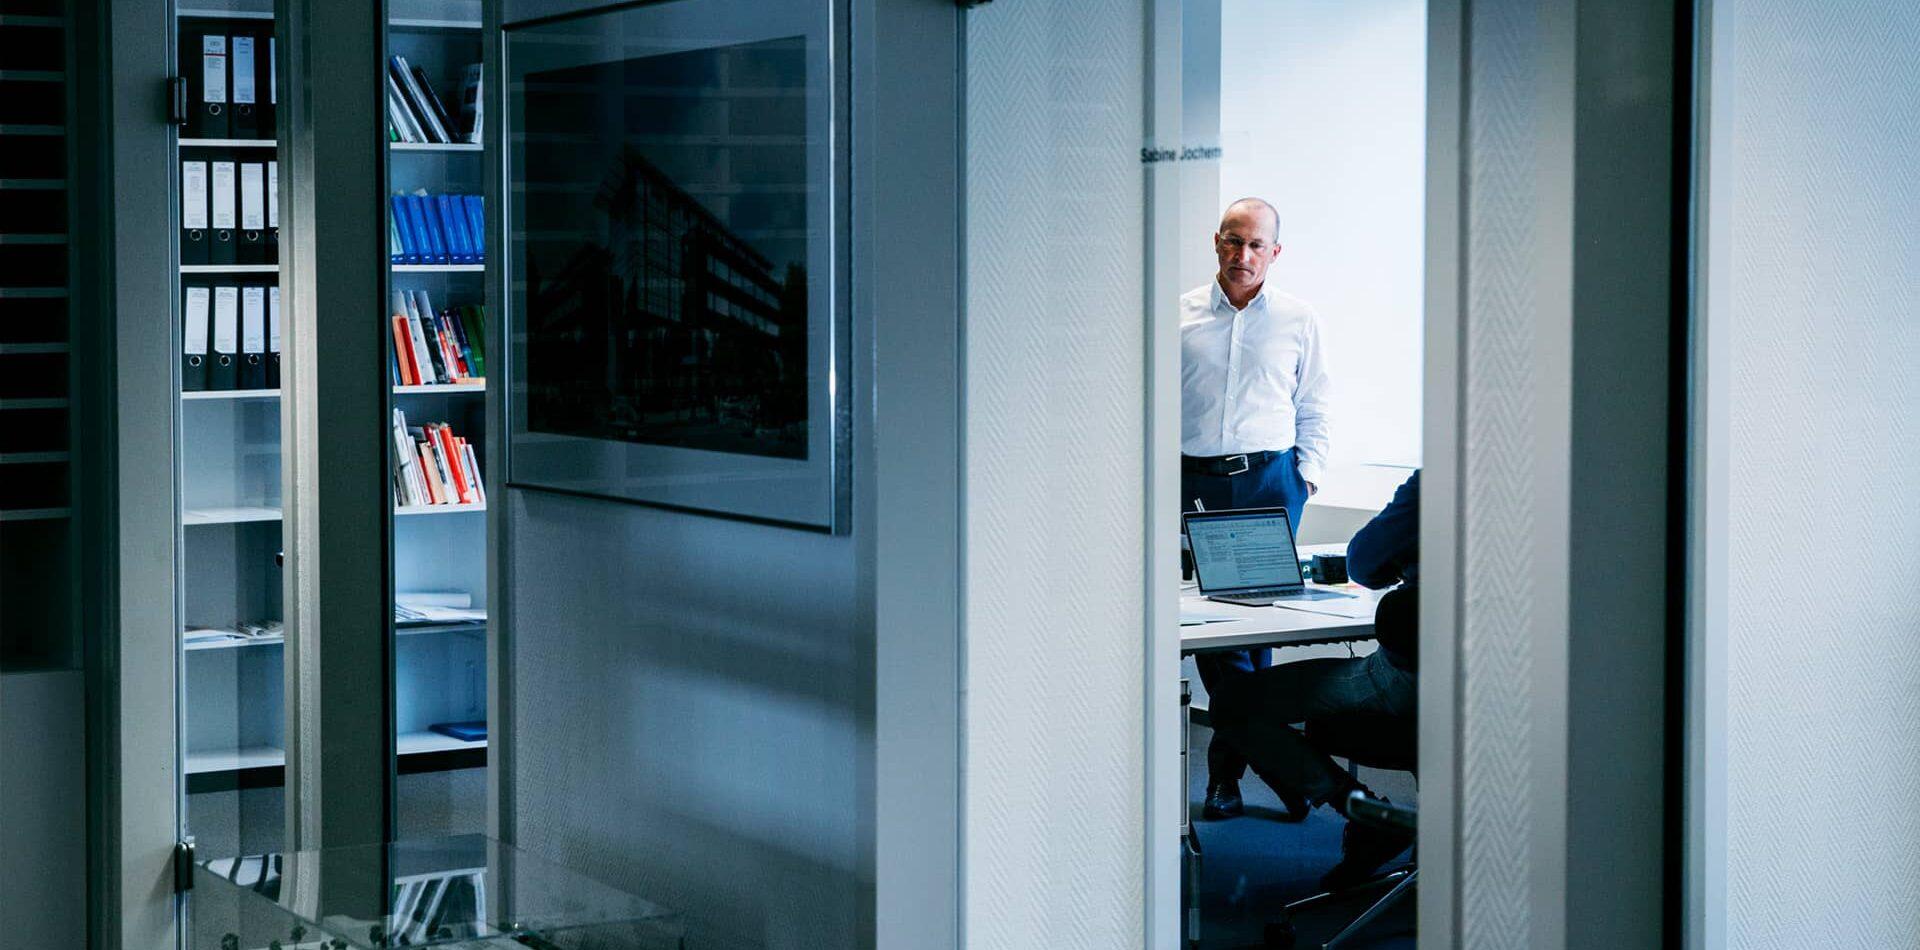 Nattler Büro Modell